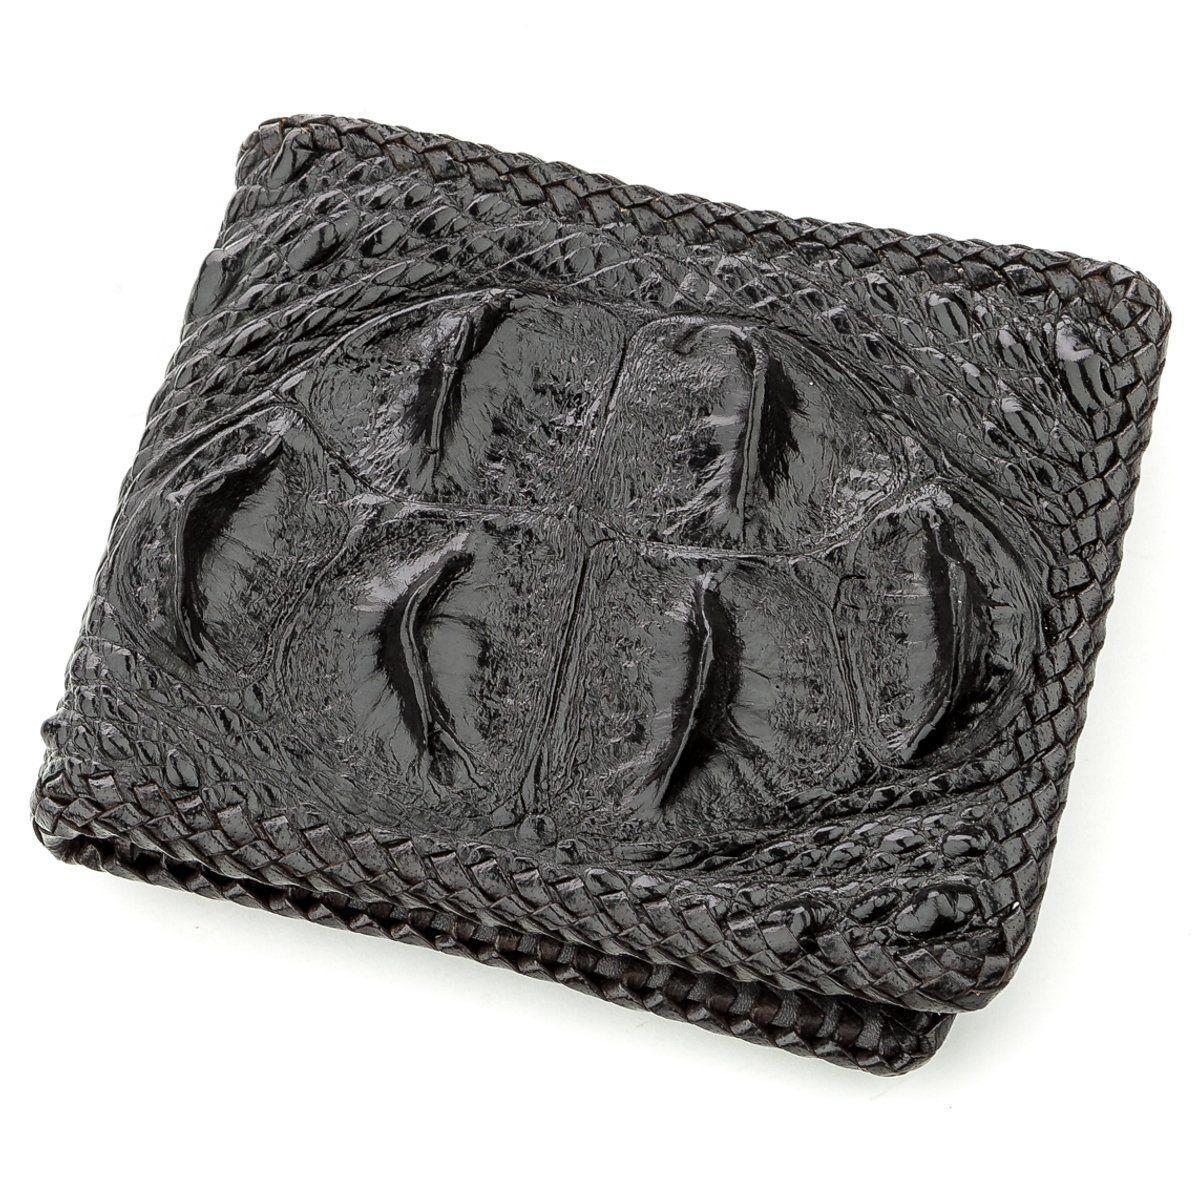 Гаманець чоловічий CROCODILE LEATHER 18580 з натуральної шкіри крокодила Чорний, Чорний